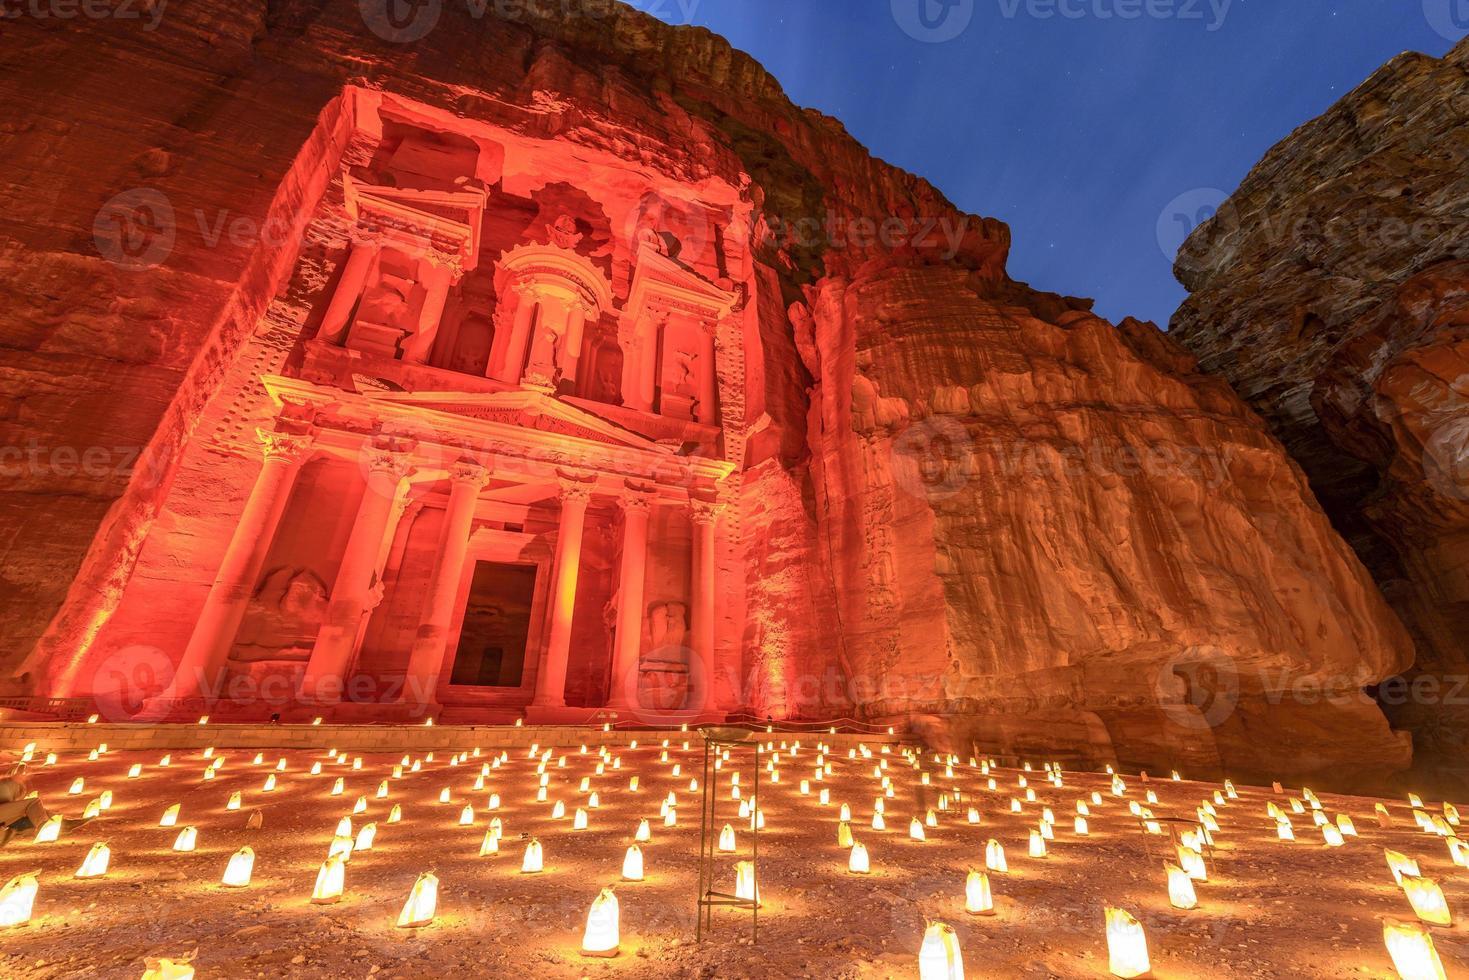 petra bei nacht in jordan. foto